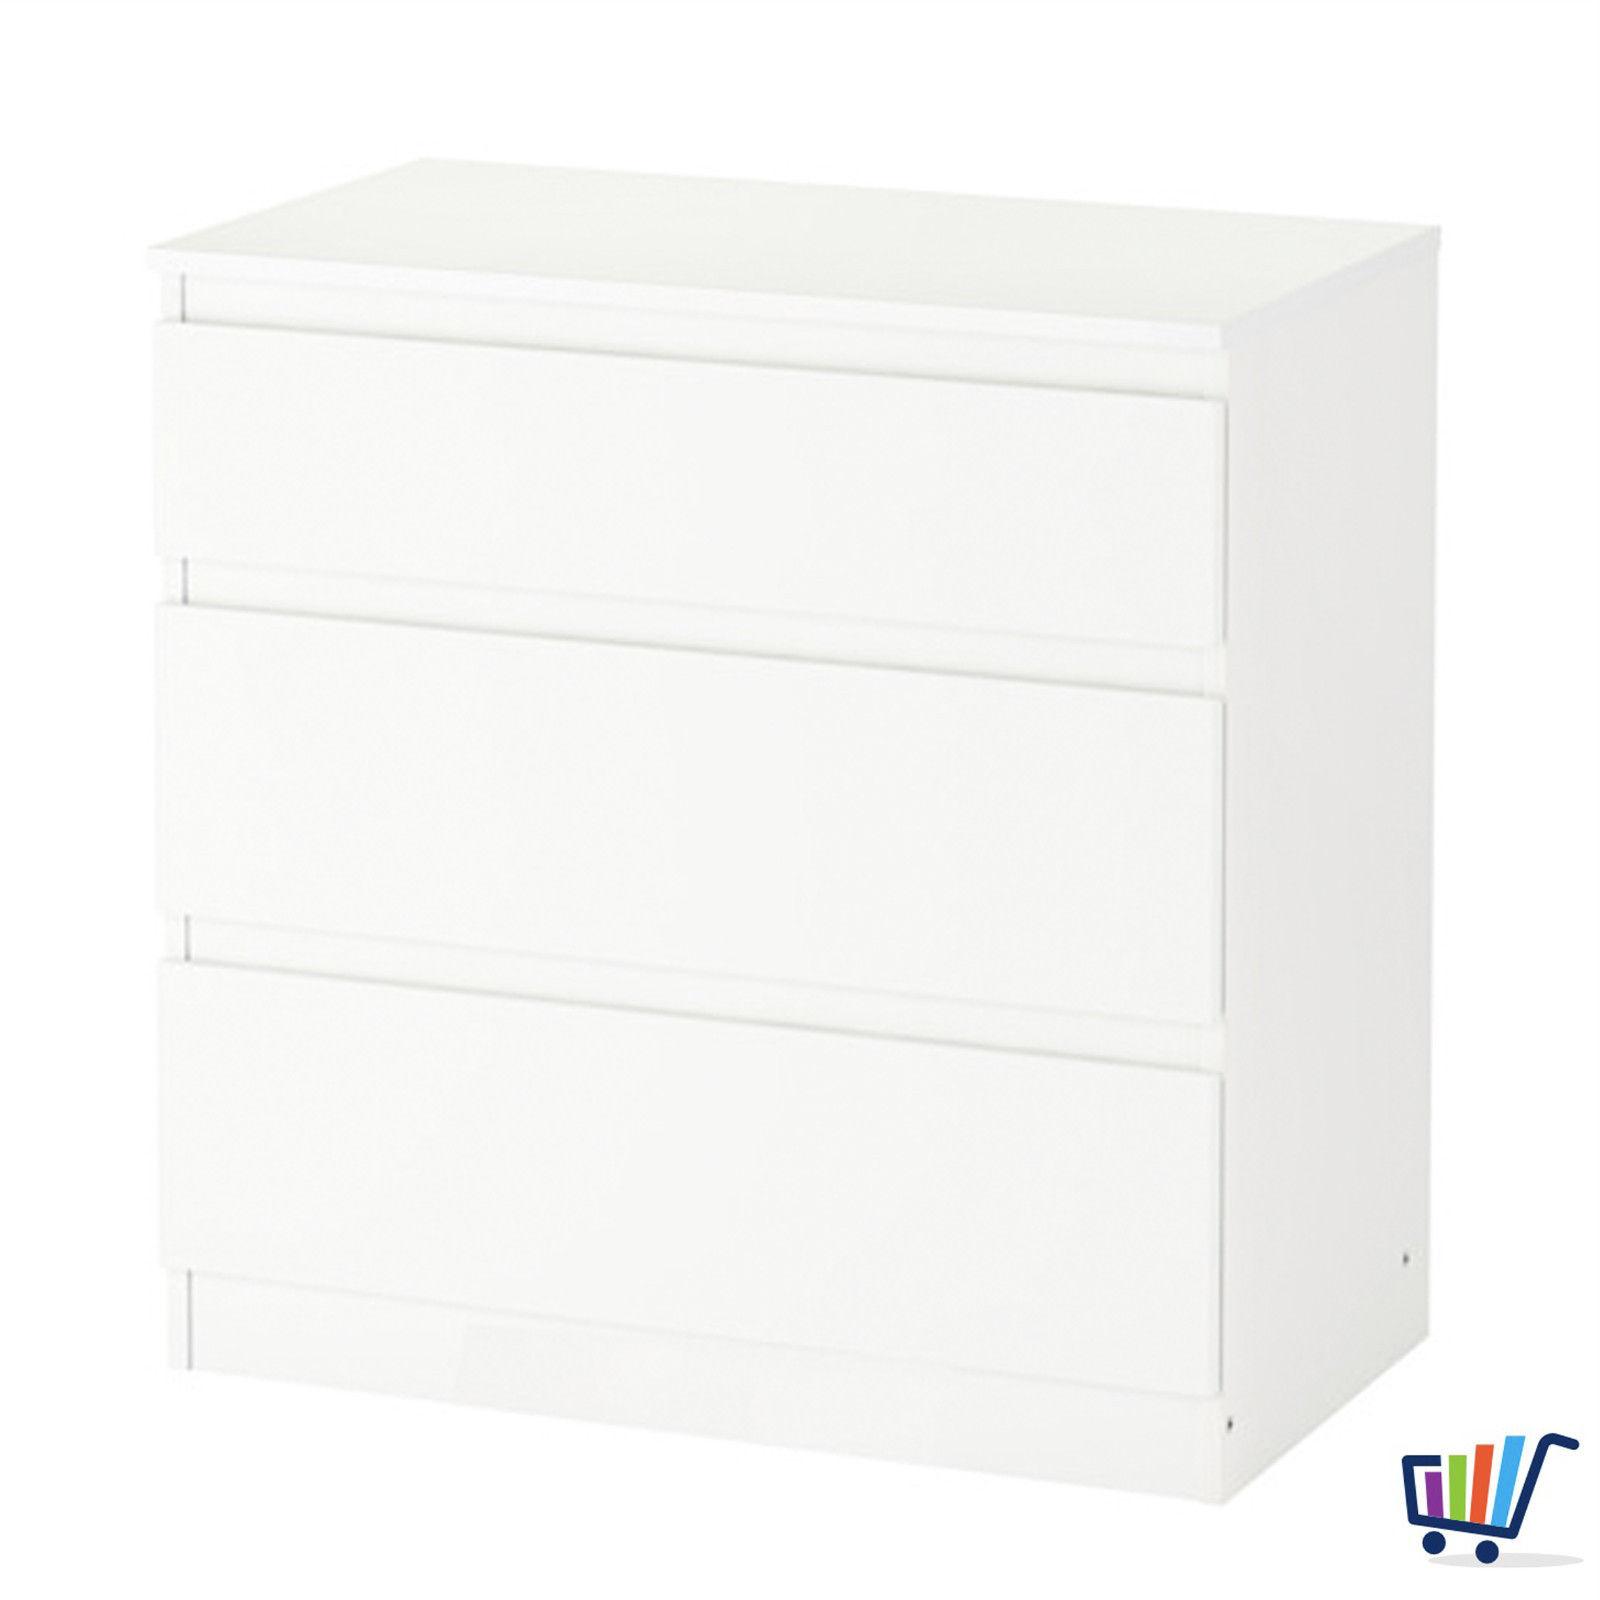 IKEA KULLEN weiß Kommode mit 3 Schubladen Schrank Kleiderschrank 70x72 cm  NEU